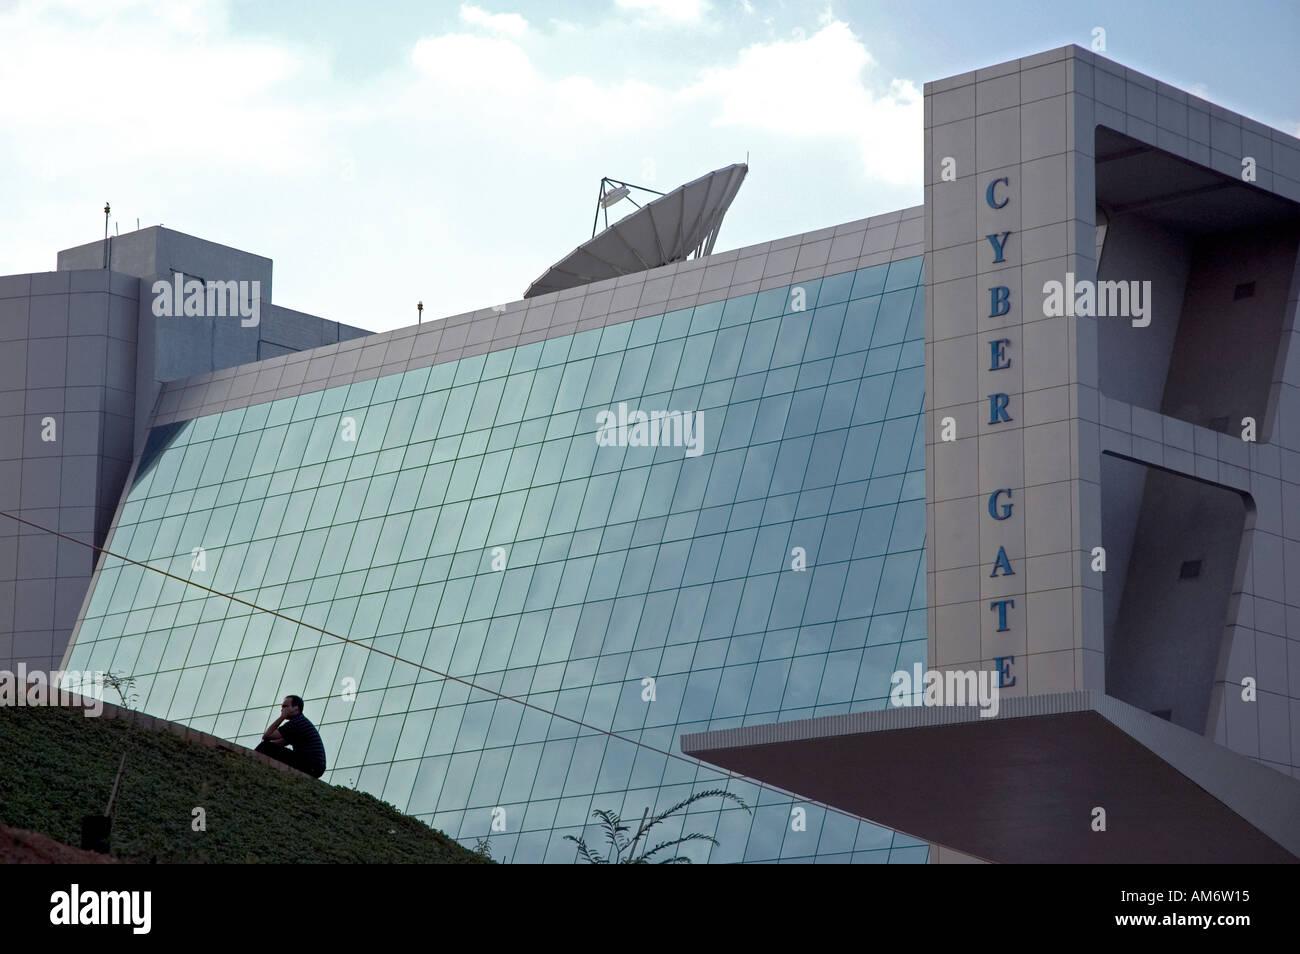 Il Cyber edificio Gateway in Hyderabad's Cyberabad, India. Questo edificio è stato dedicato alla nascente esso industria del software. Immagini Stock